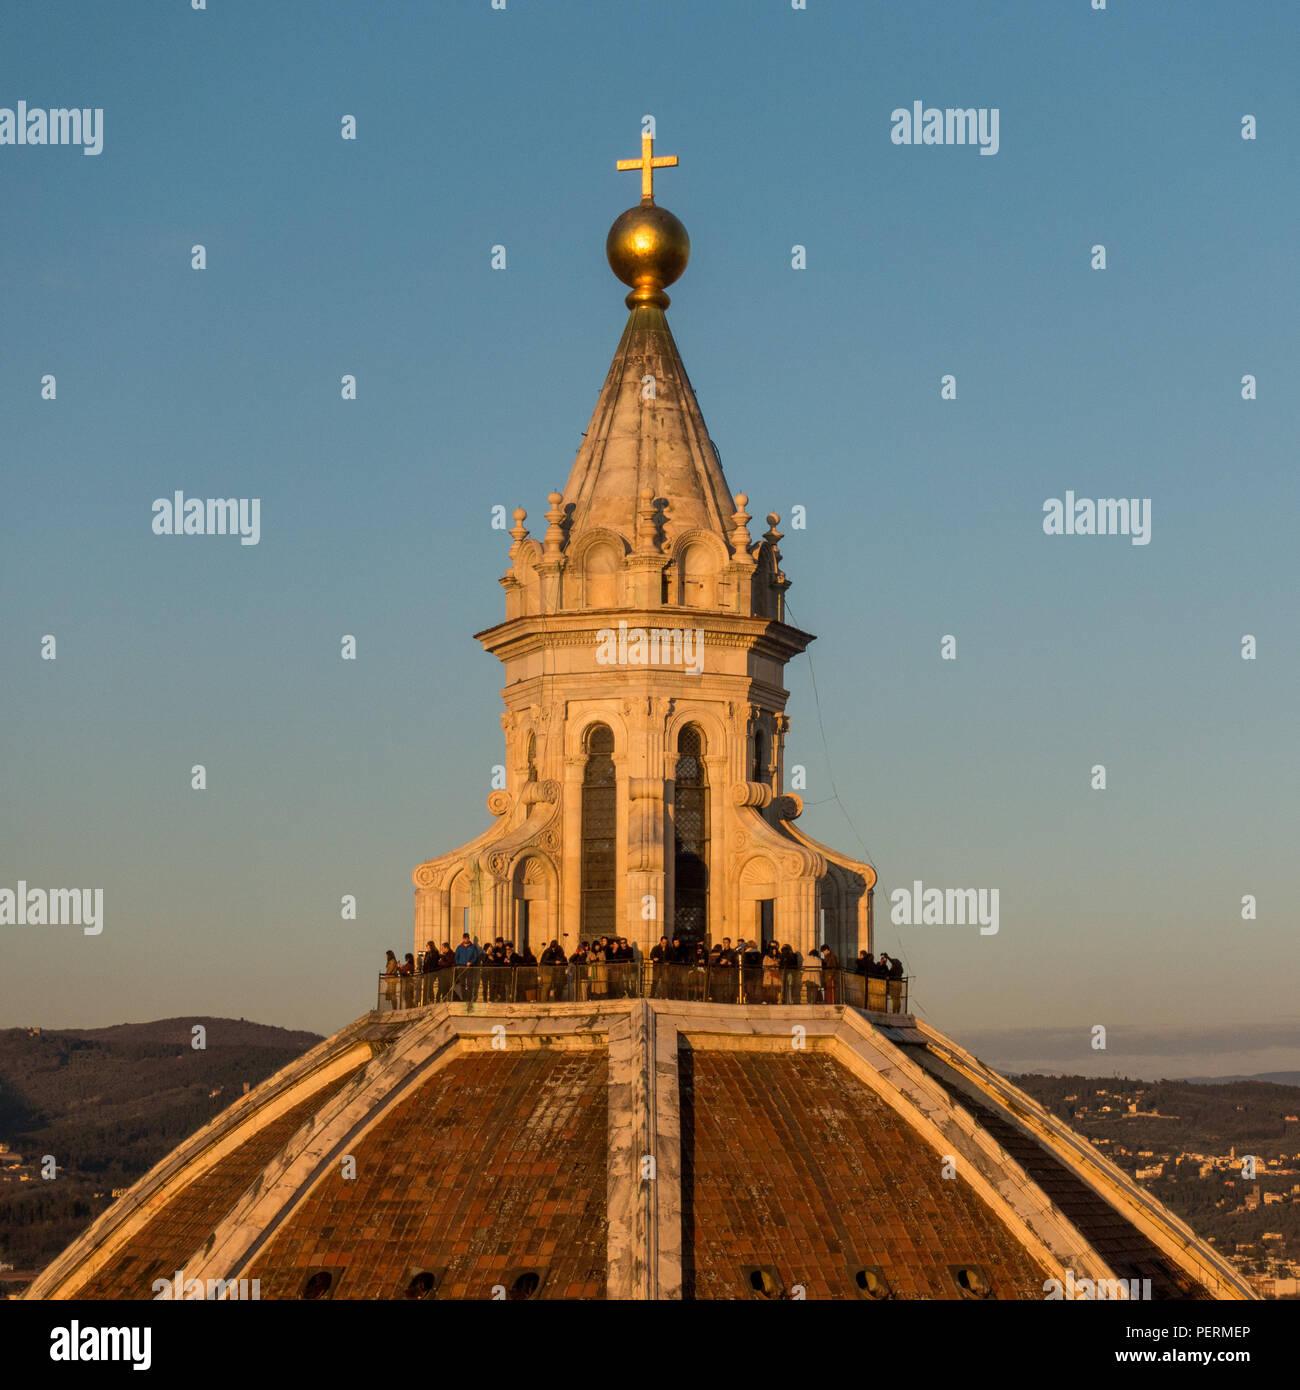 Florenz, Italien - 23. März 2018: Touristen sammeln auf der Kuppel der Kathedrale von Florenz bei Sonnenuntergang. Stockbild